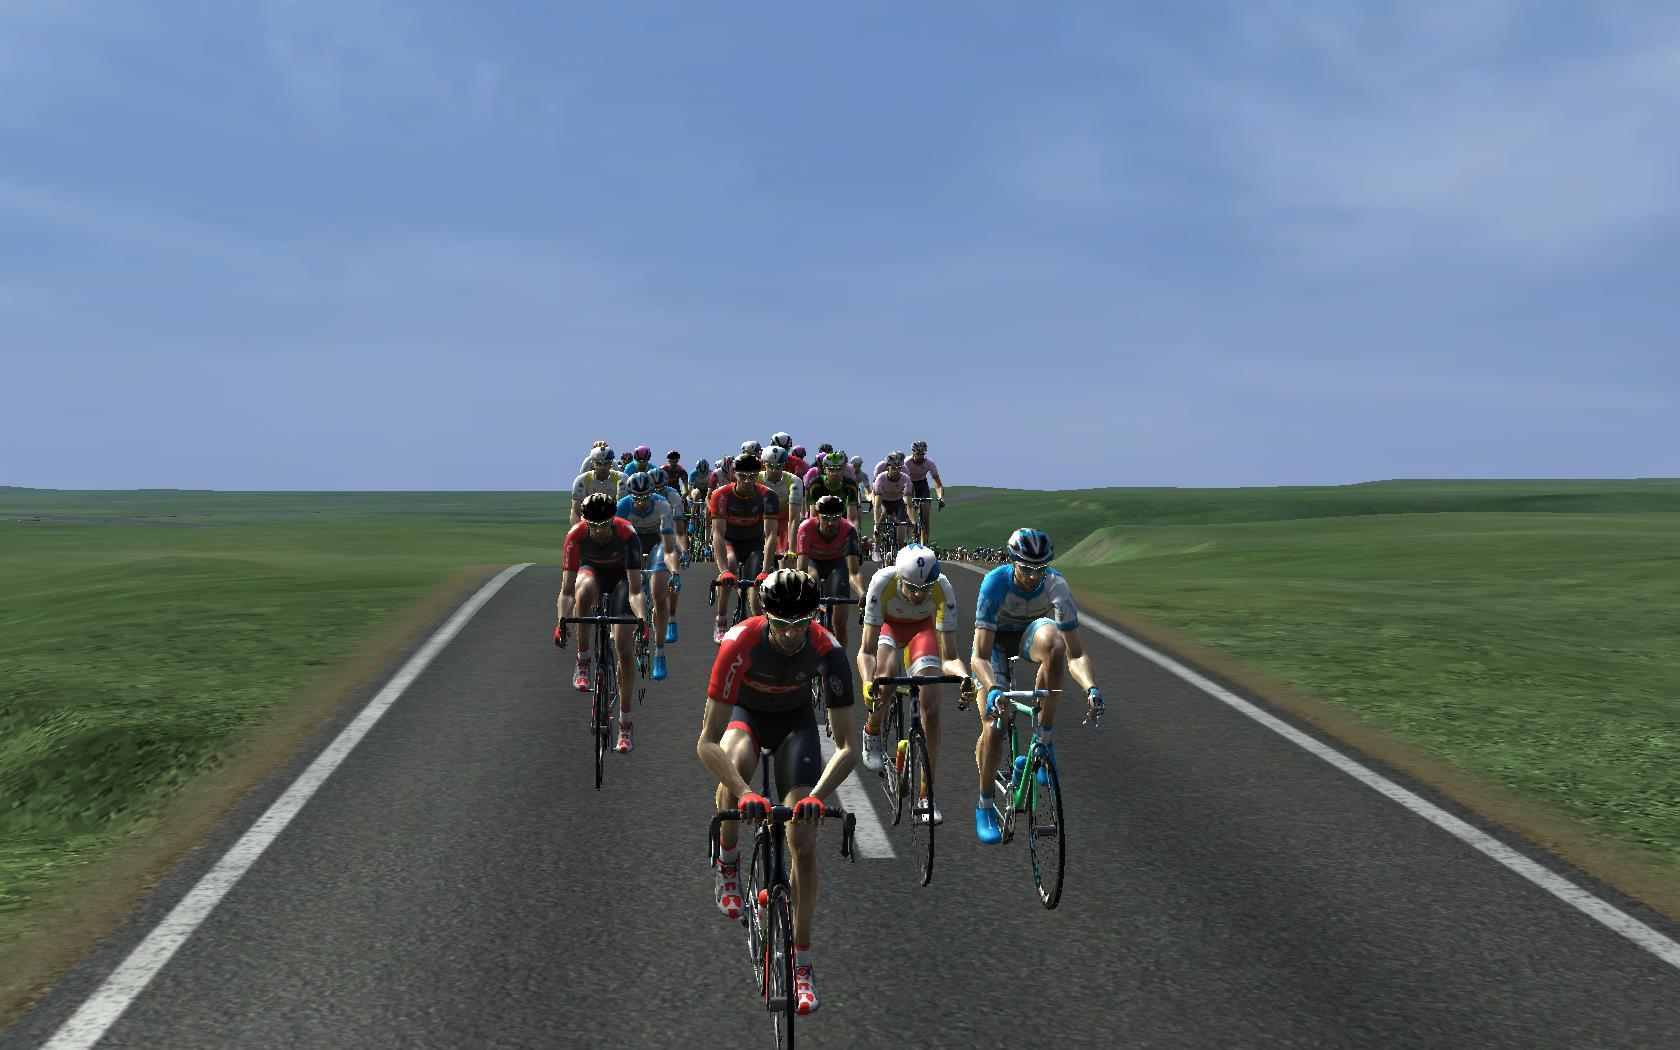 pcmdaily.com/images/mg/2018/Races/C2HC/ParisTours/PCM0012.jpg